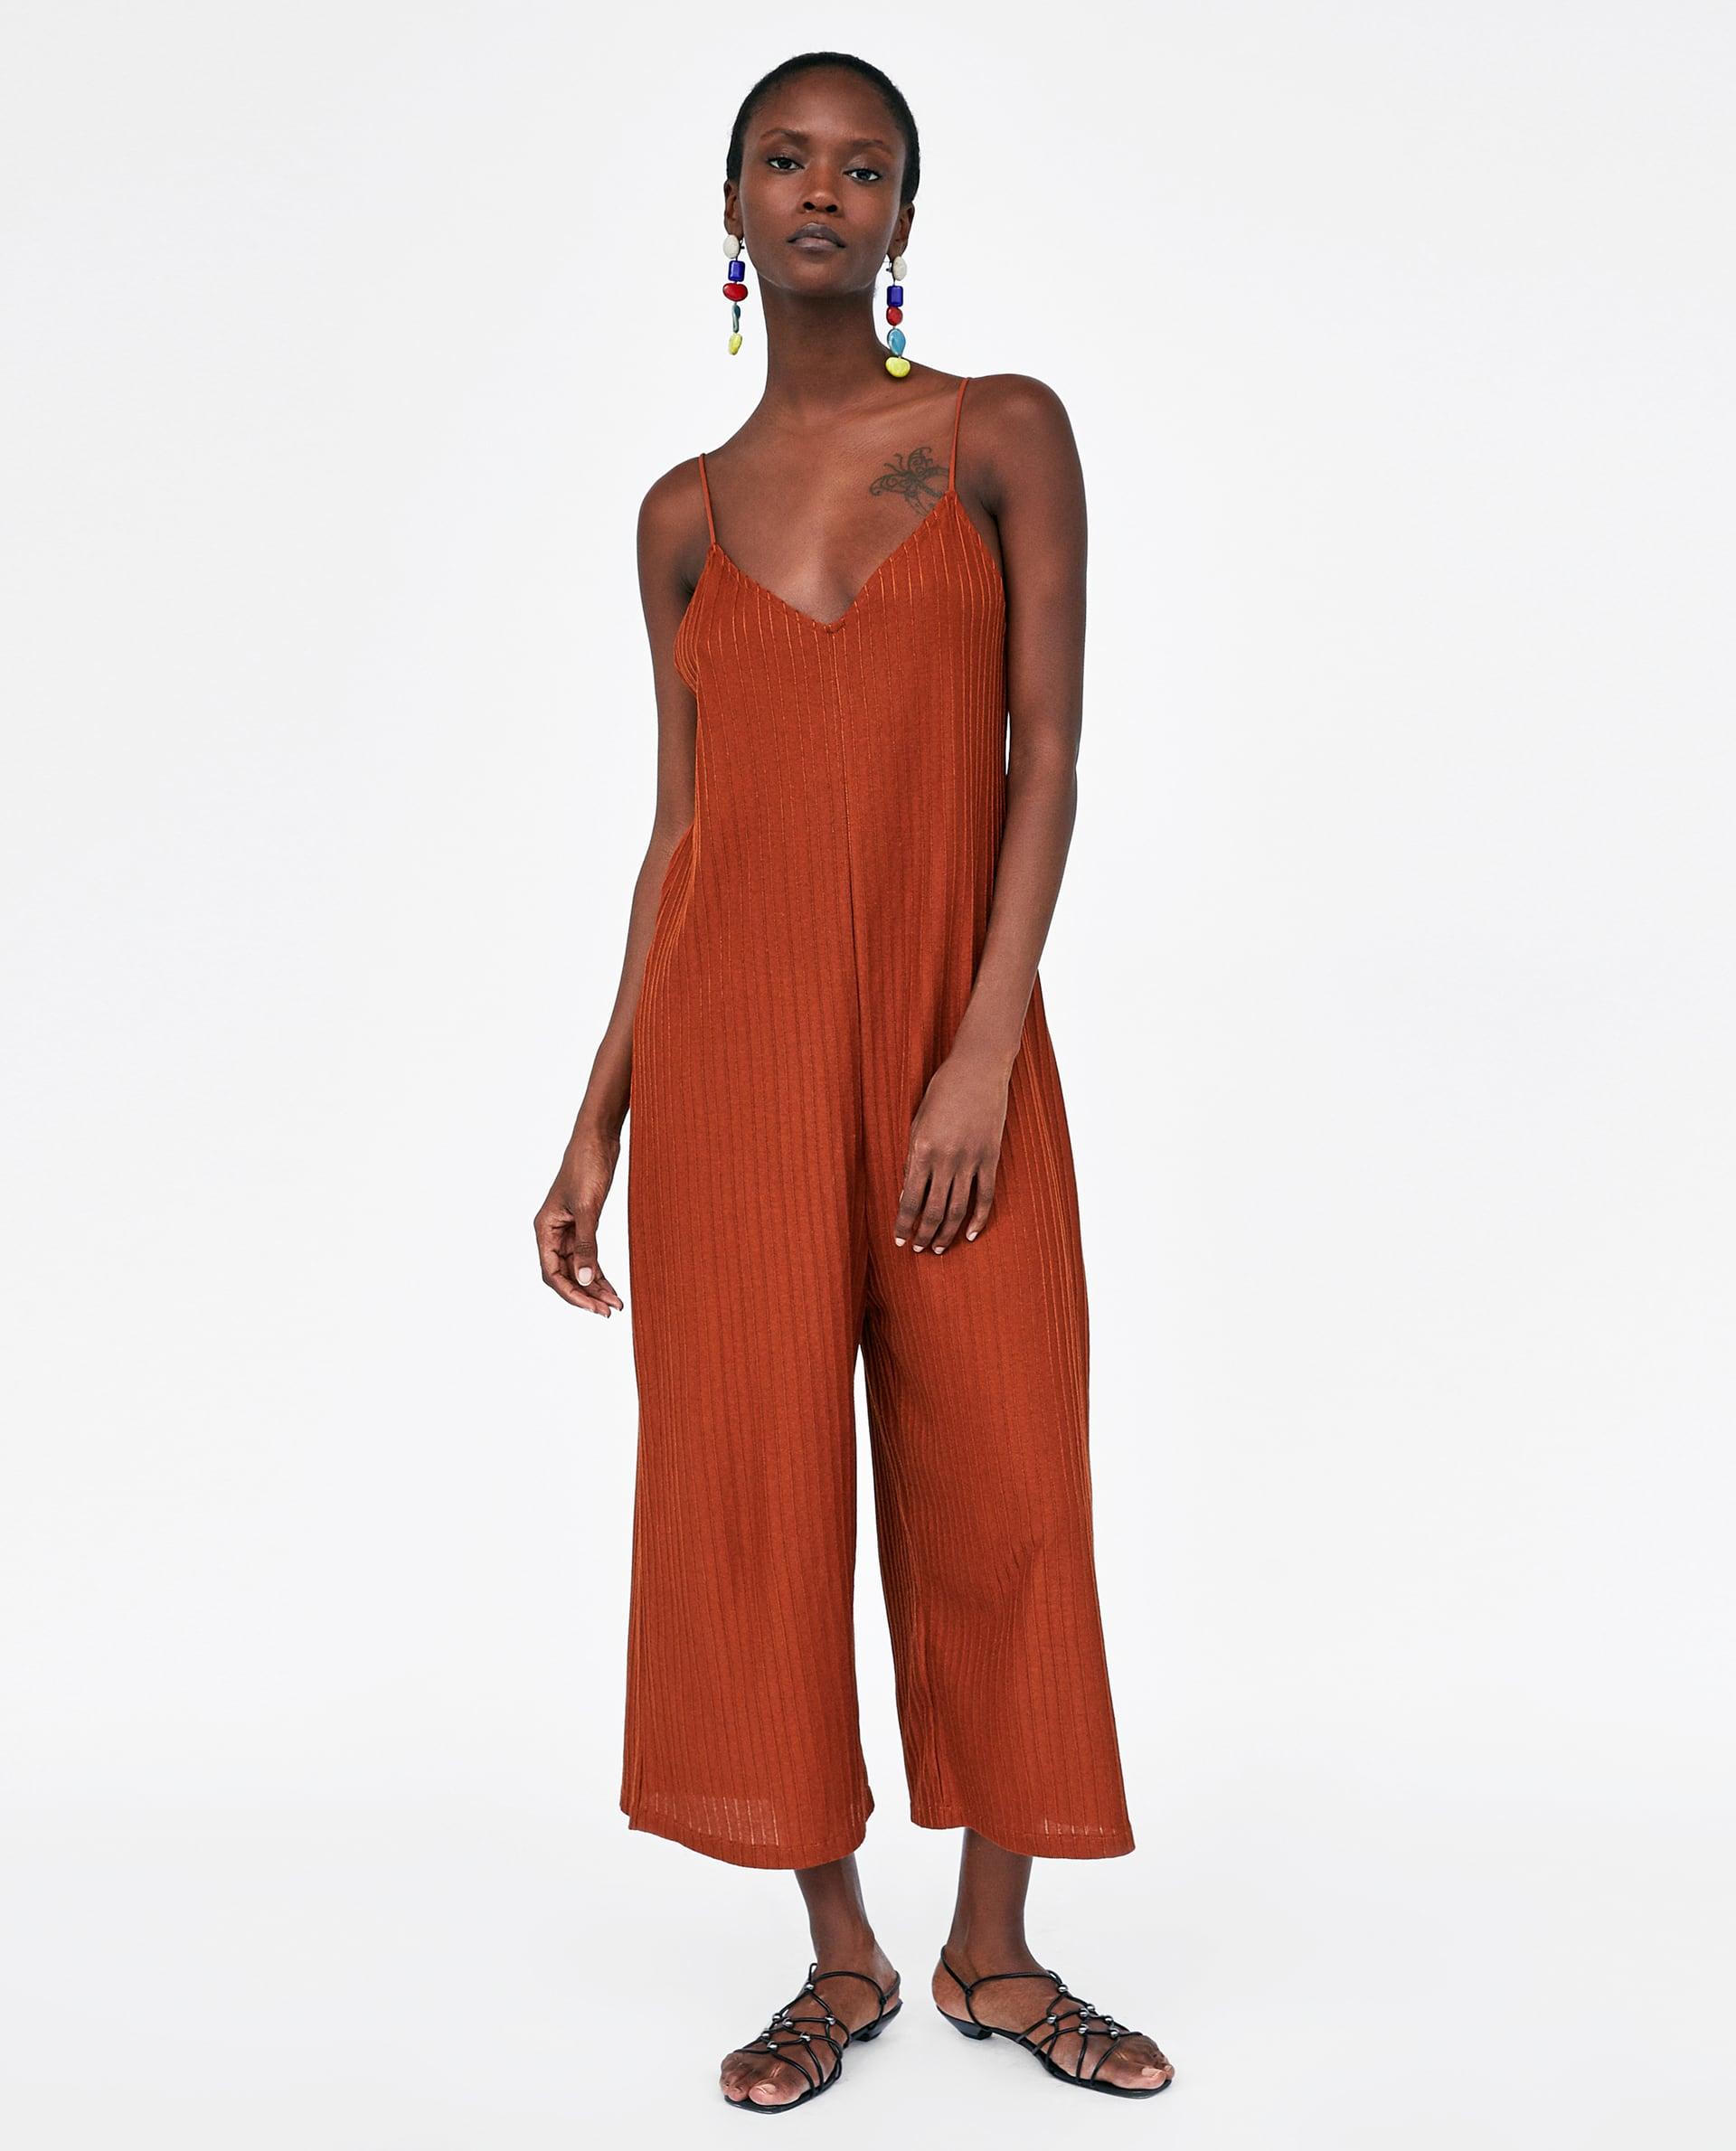 Zara-strappy-textured-jumpsuit.jpg